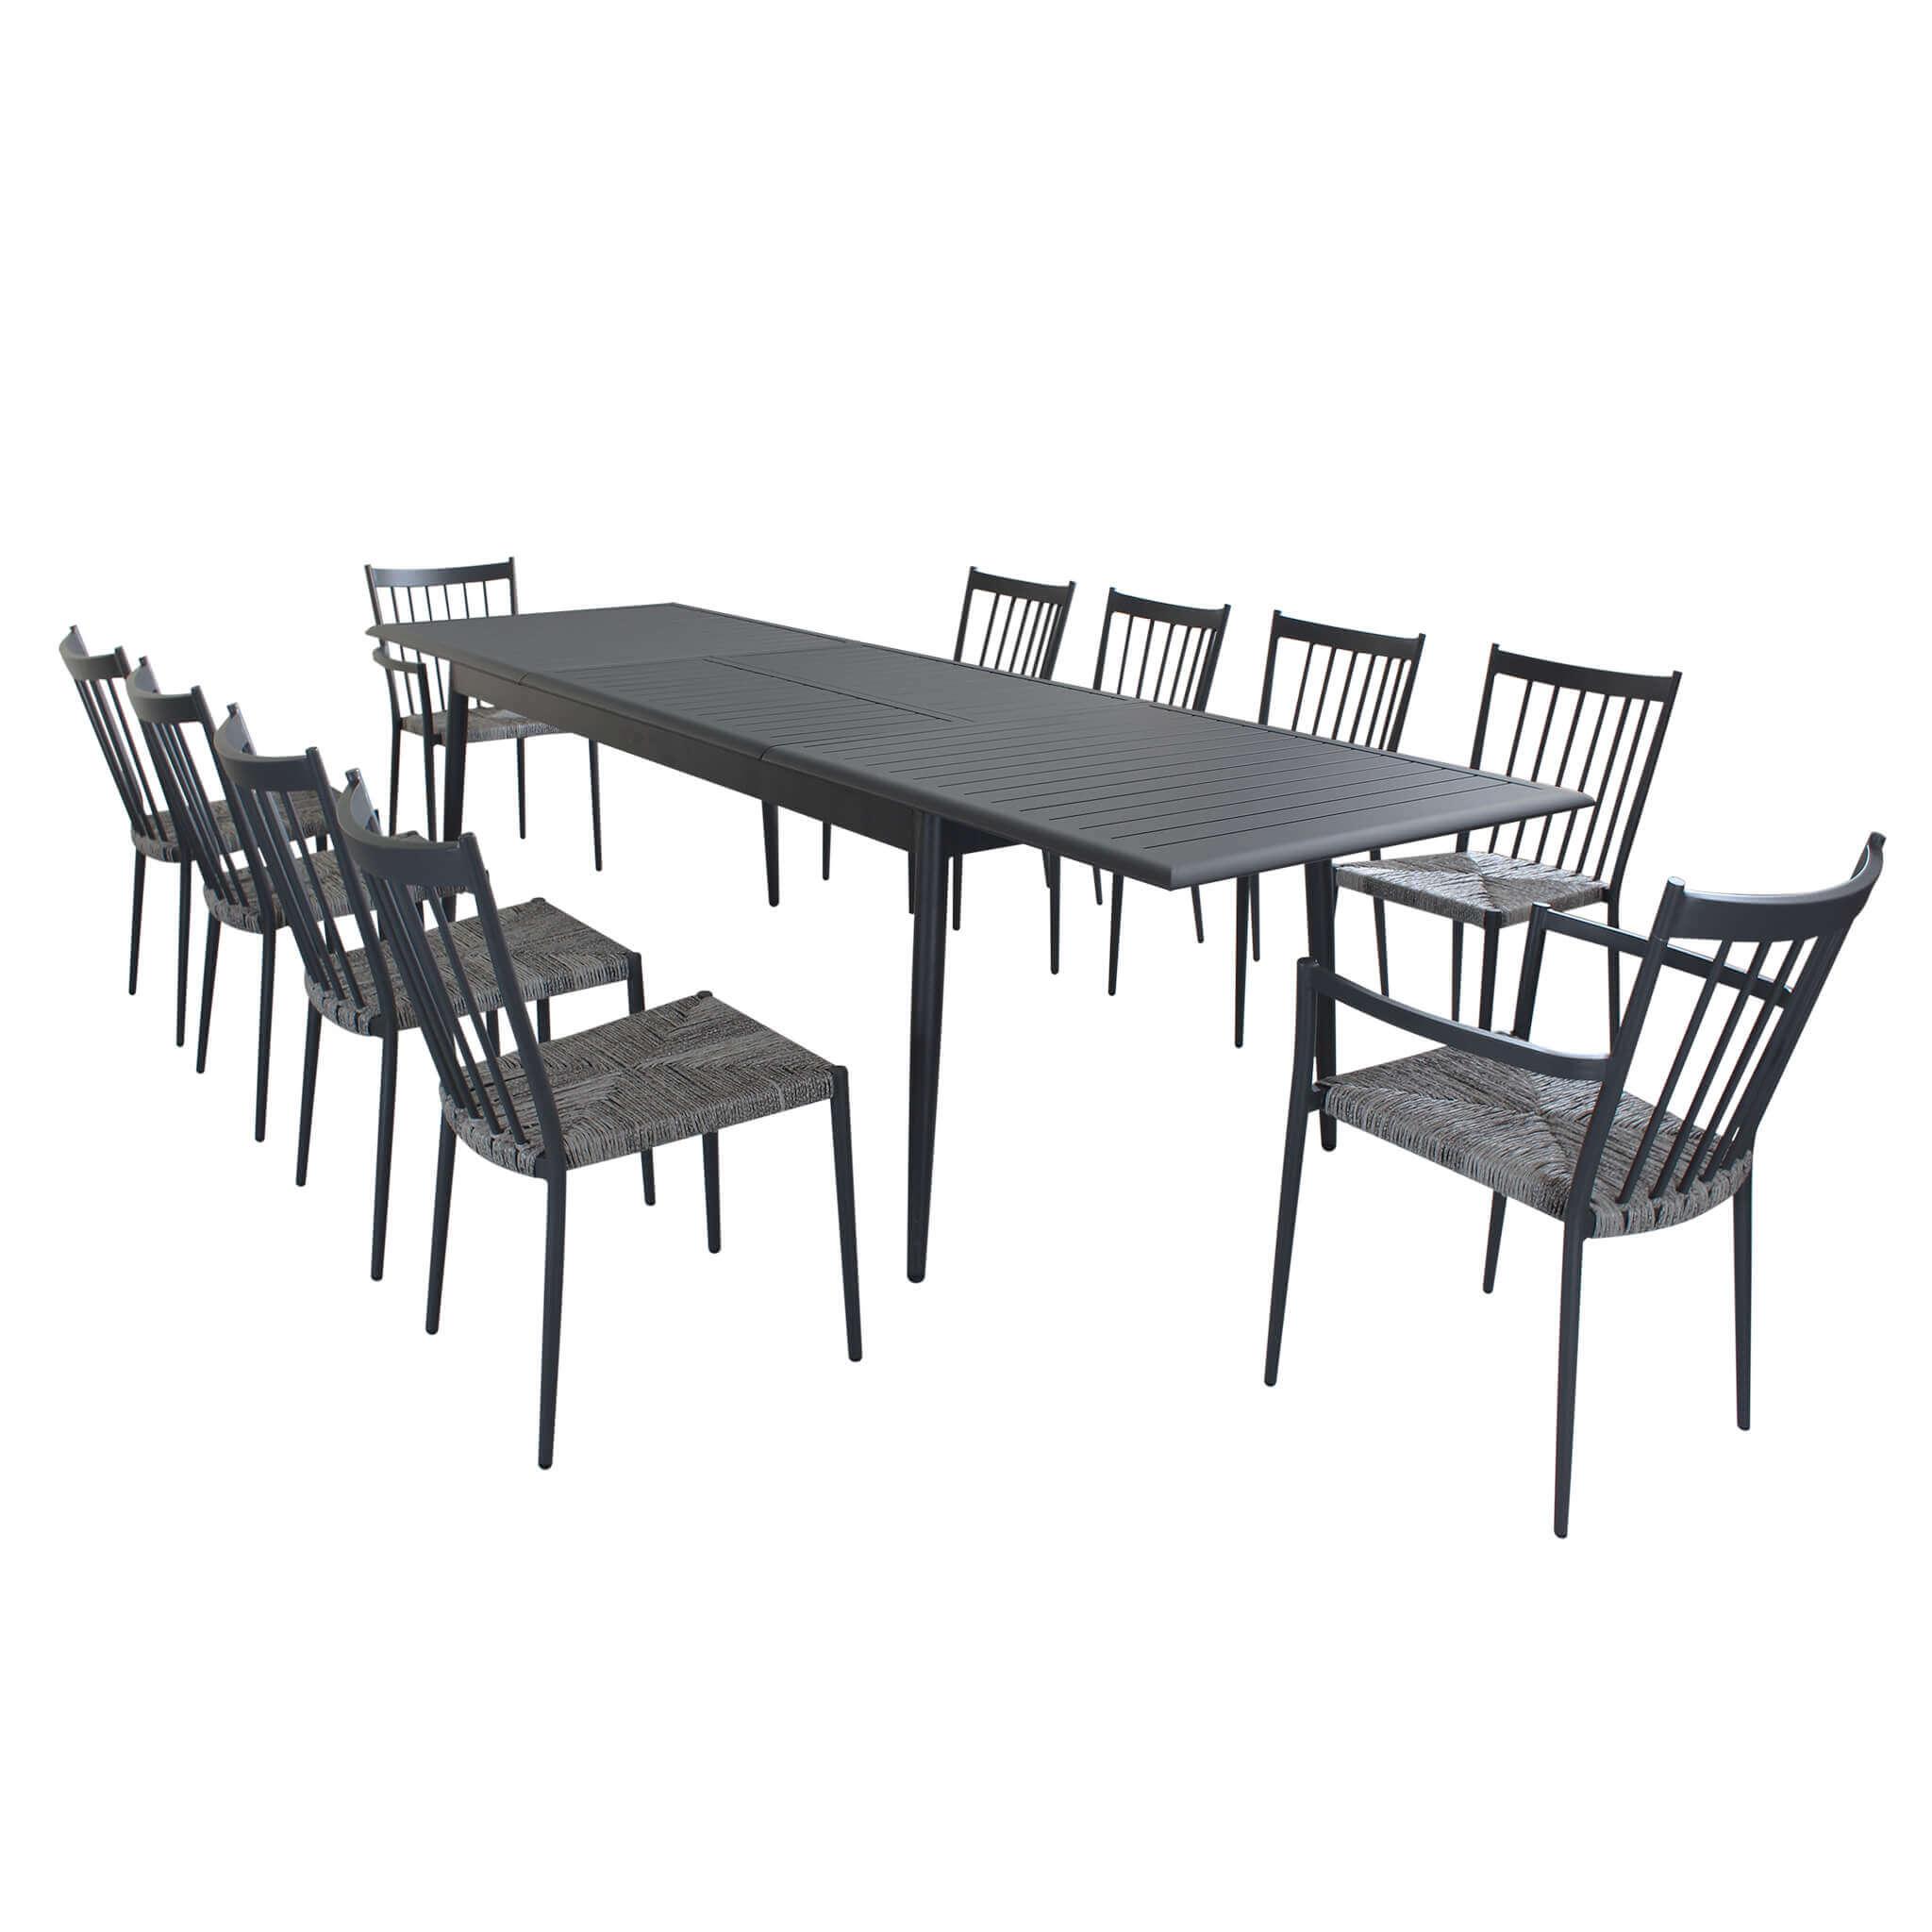 Milani Home IMPERIUM - set tavolo da giardino allungabile in alluminio 200/300 x 90 compreso di 8 sedie e 2 poltrone in alluminio e polyrattan